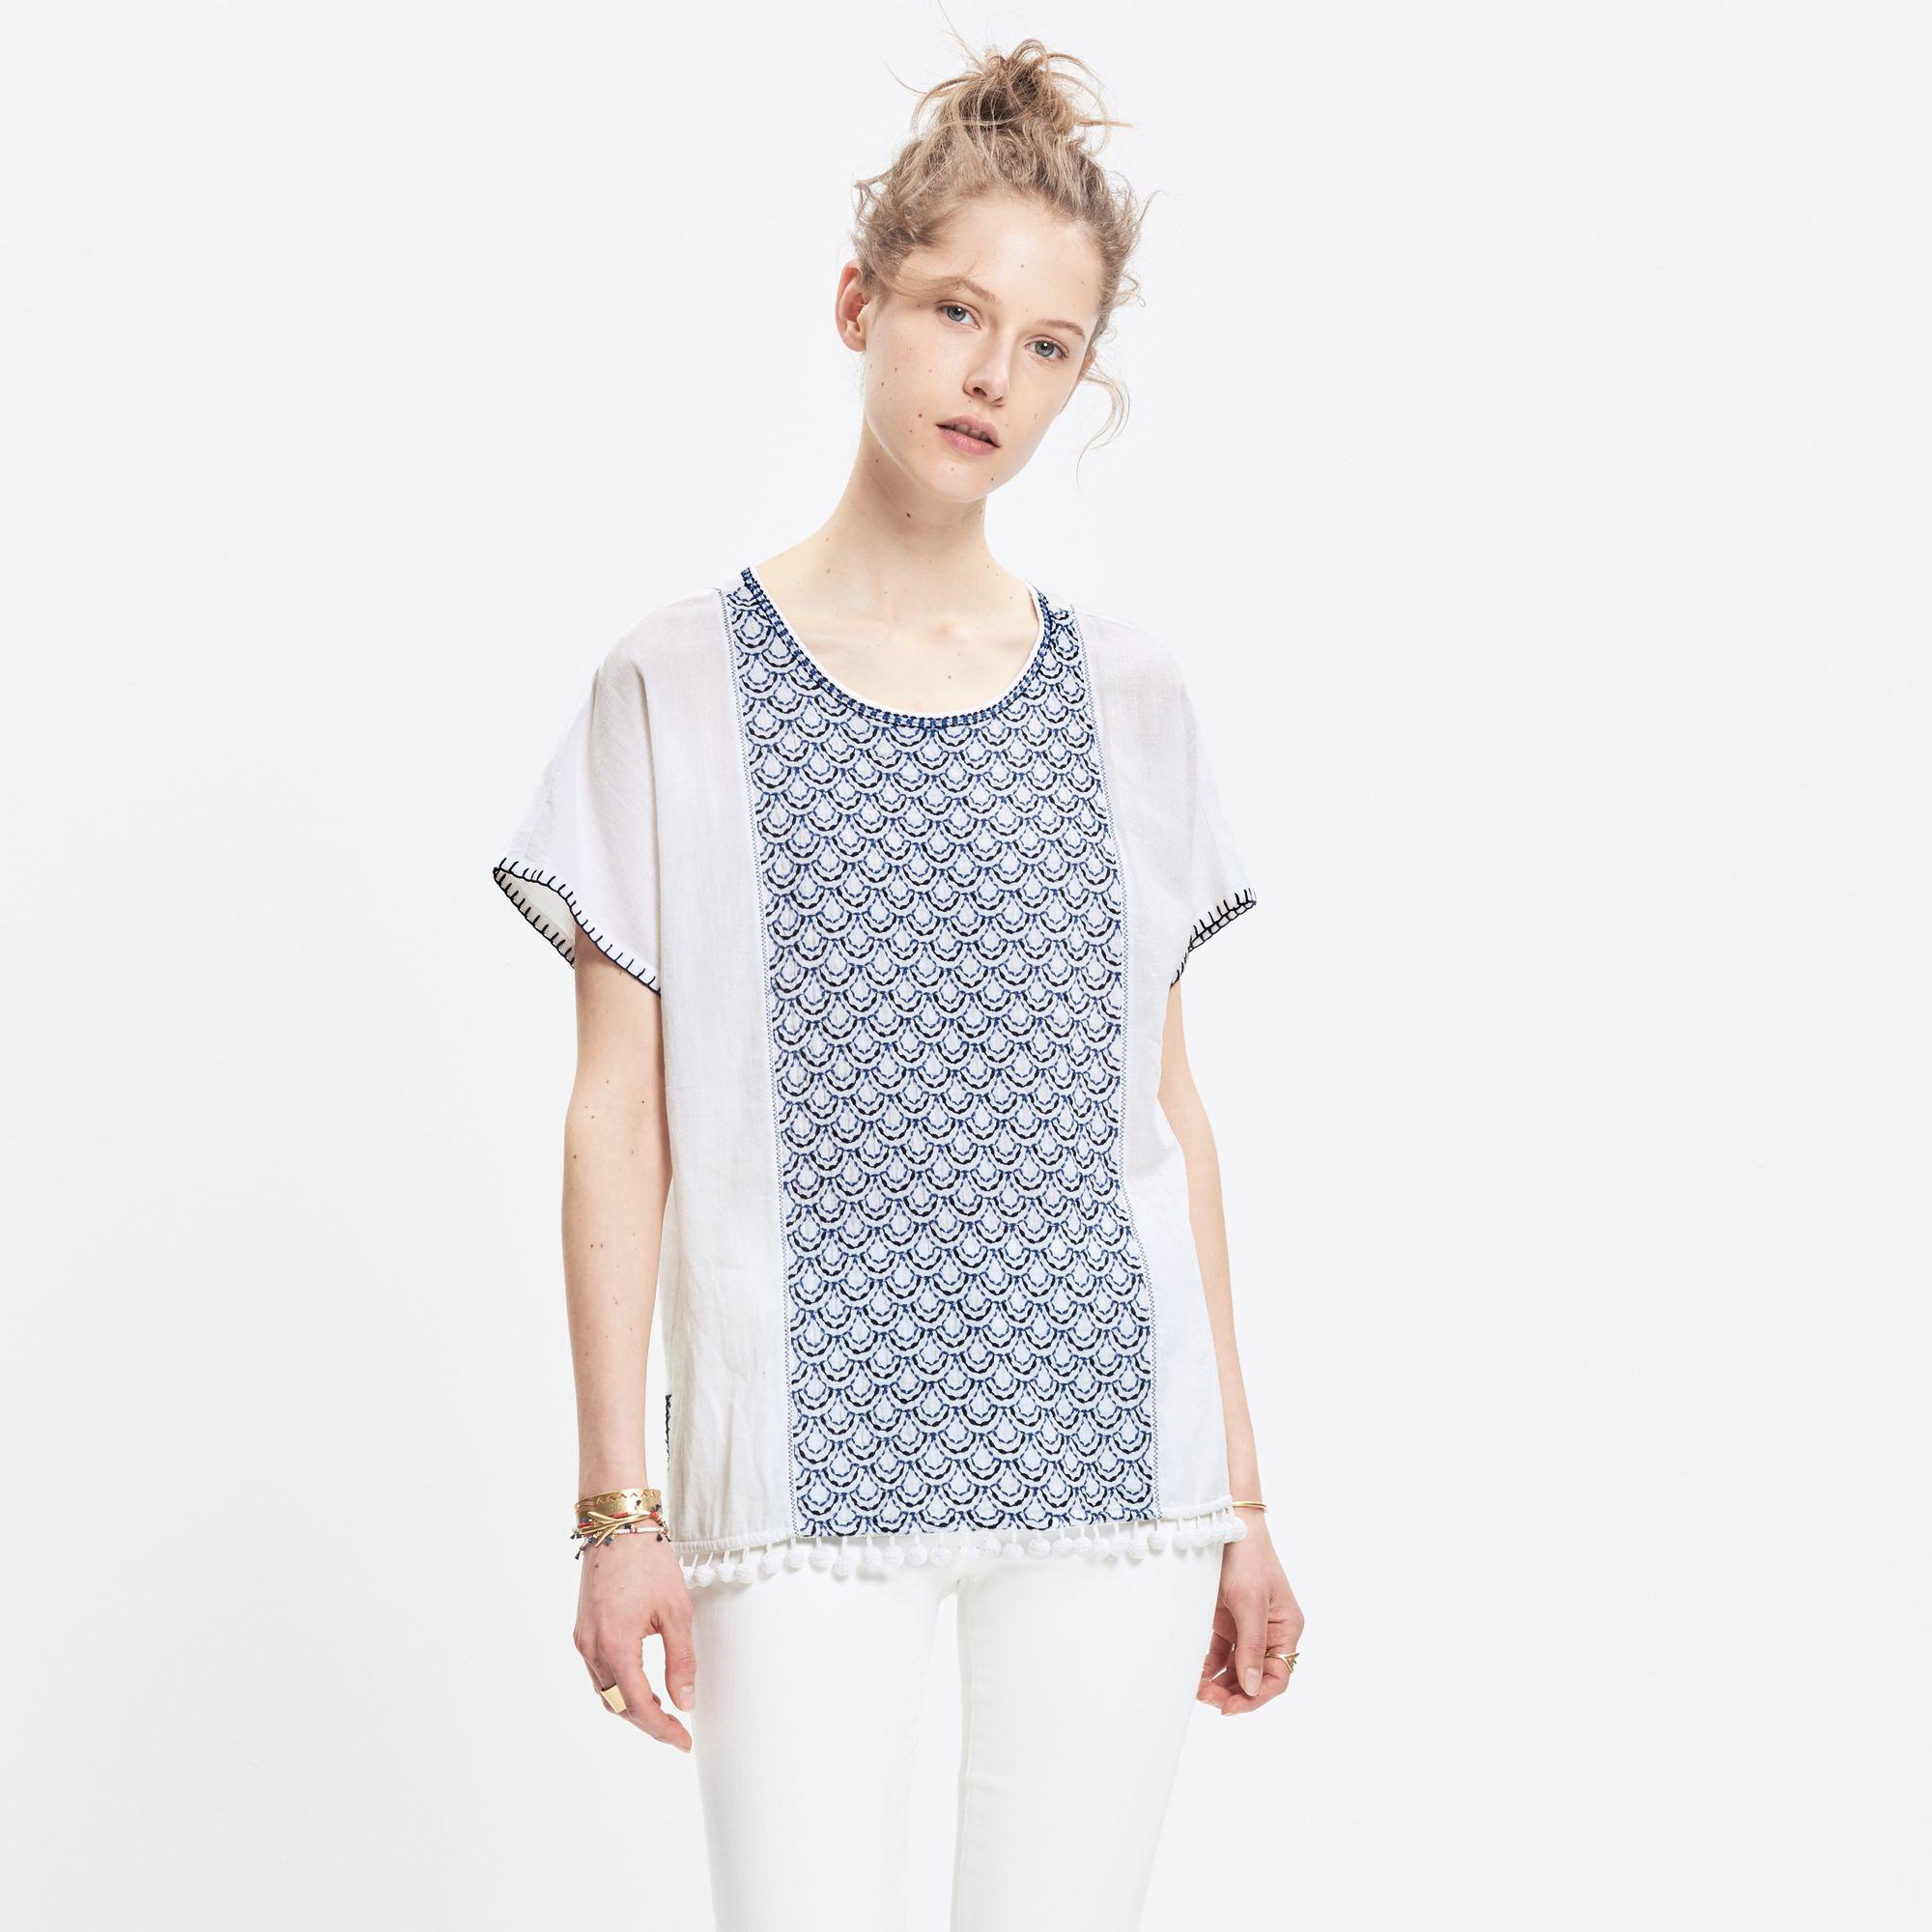 8cb511fa538 Lyst - Madewell Indigo-stitch Pom-pom Top in White